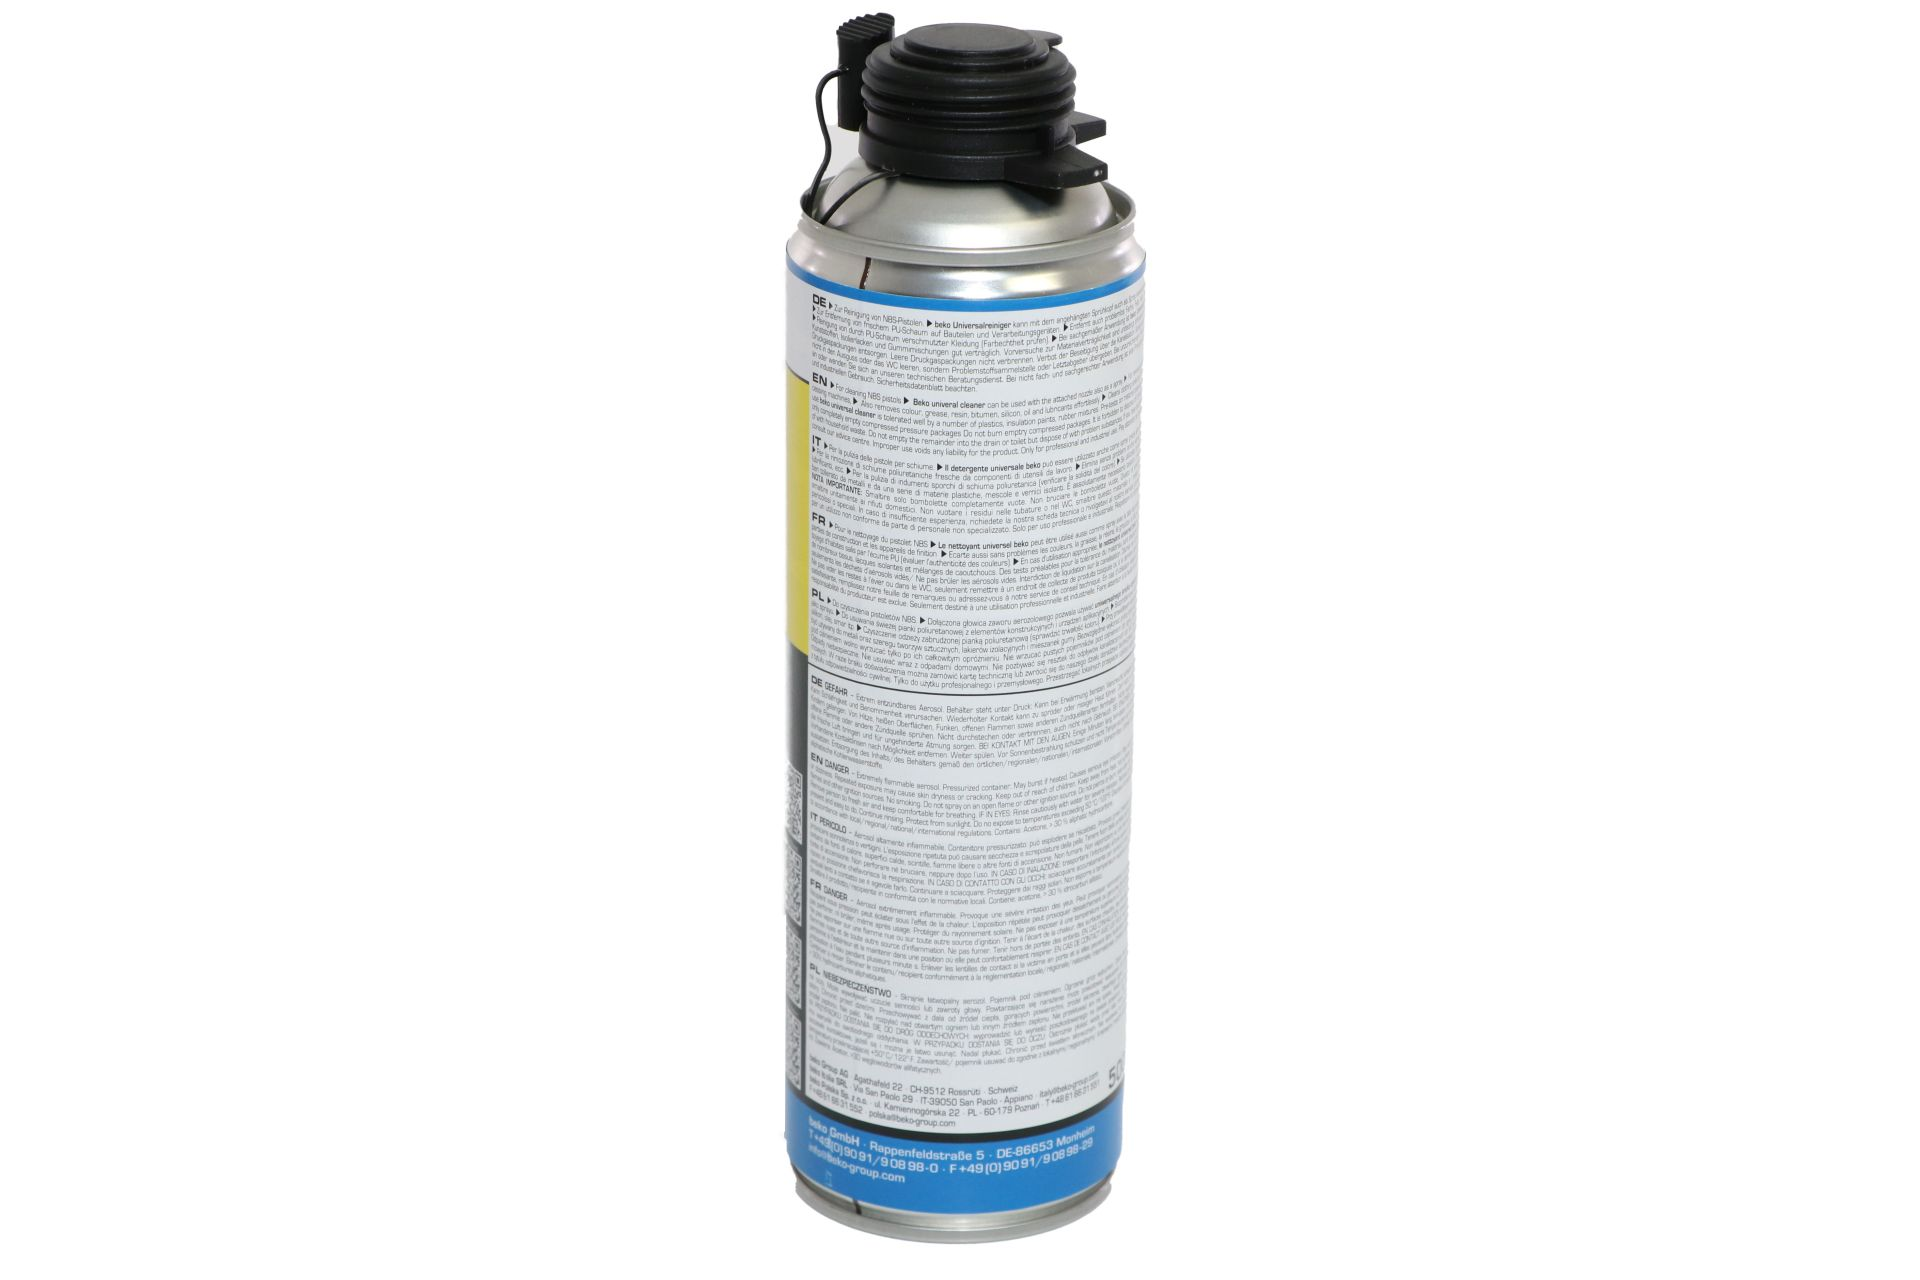 beko PU-Universal-Reiniger, zur Reinigung von NBS-Pistolen, 500 ml